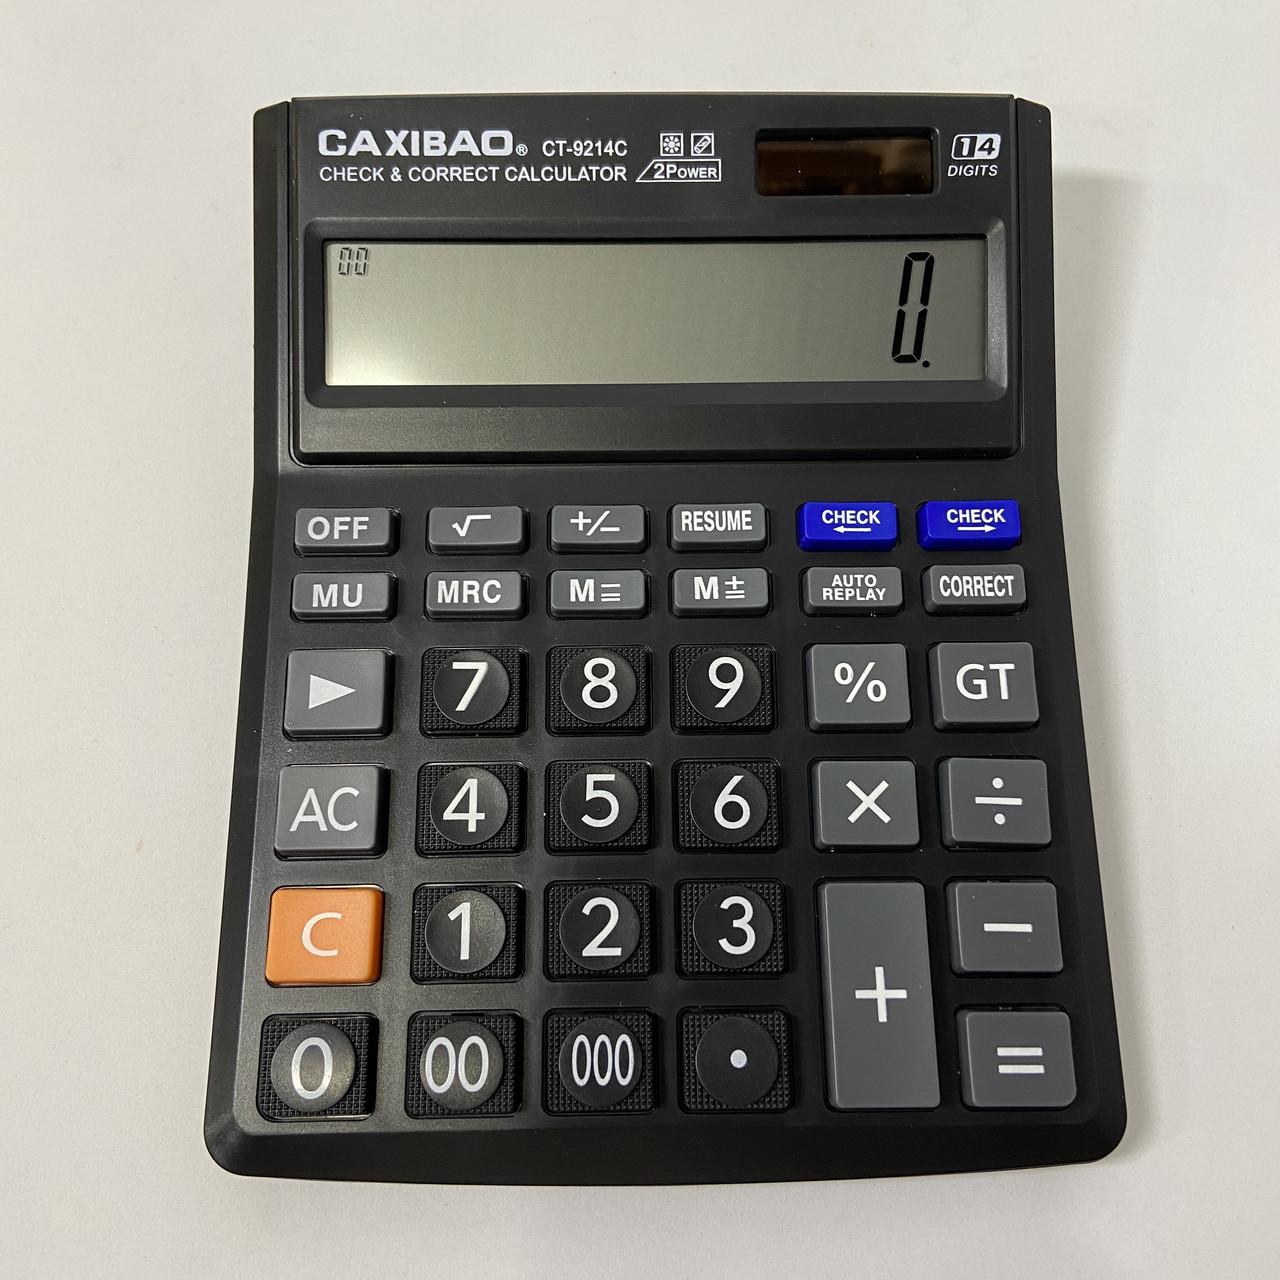 Настольный калькулятор GAXIBAO CT-9214C